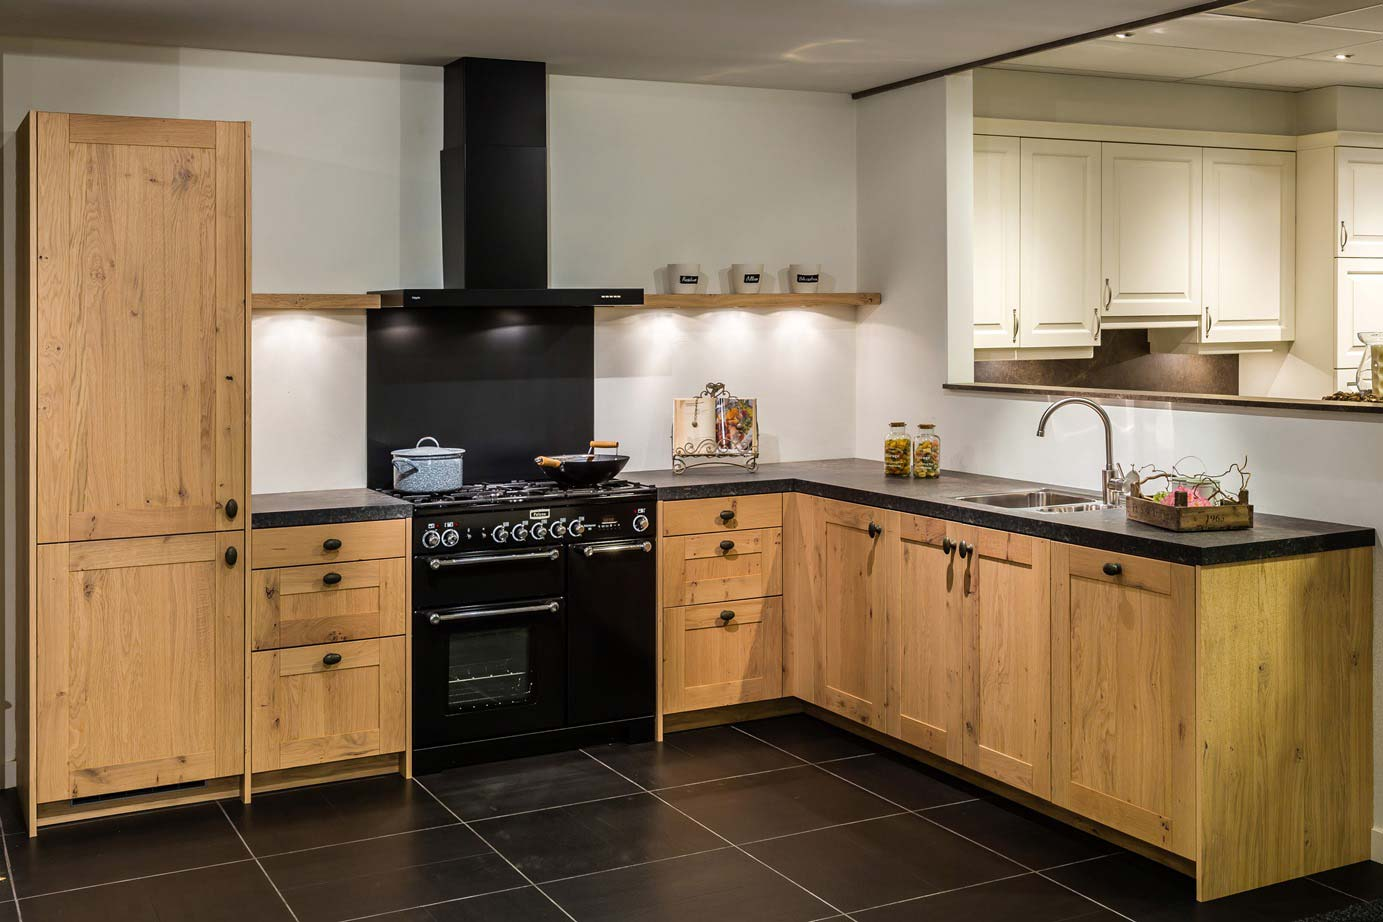 Houten Keuken Beton : Houten keuken kopen bekijk tientallen voorbeelden online db